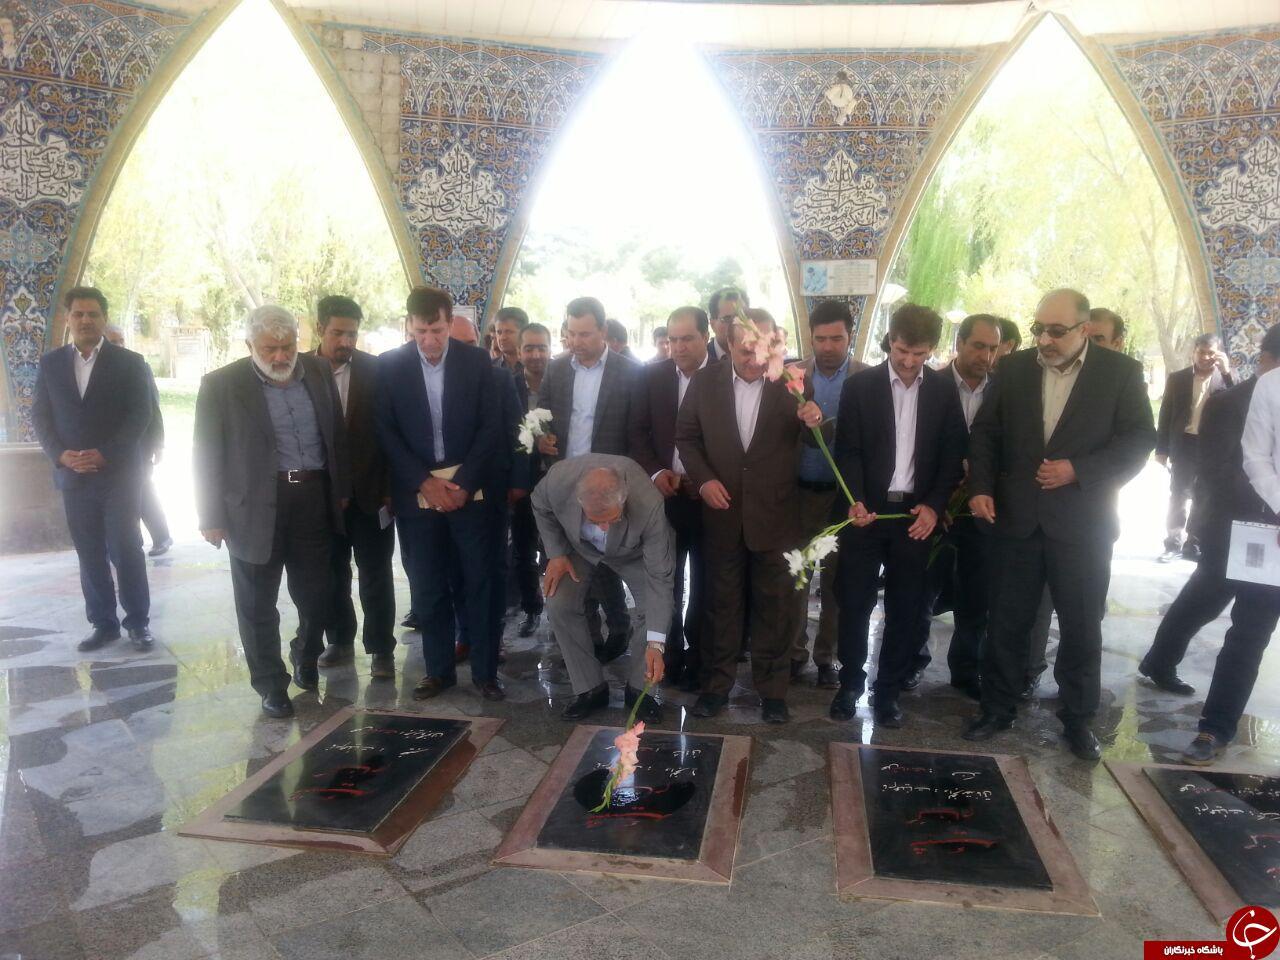 حضور وزیر تعاون، کار و رفاه اجتماعی در مزار شهدای ایلام